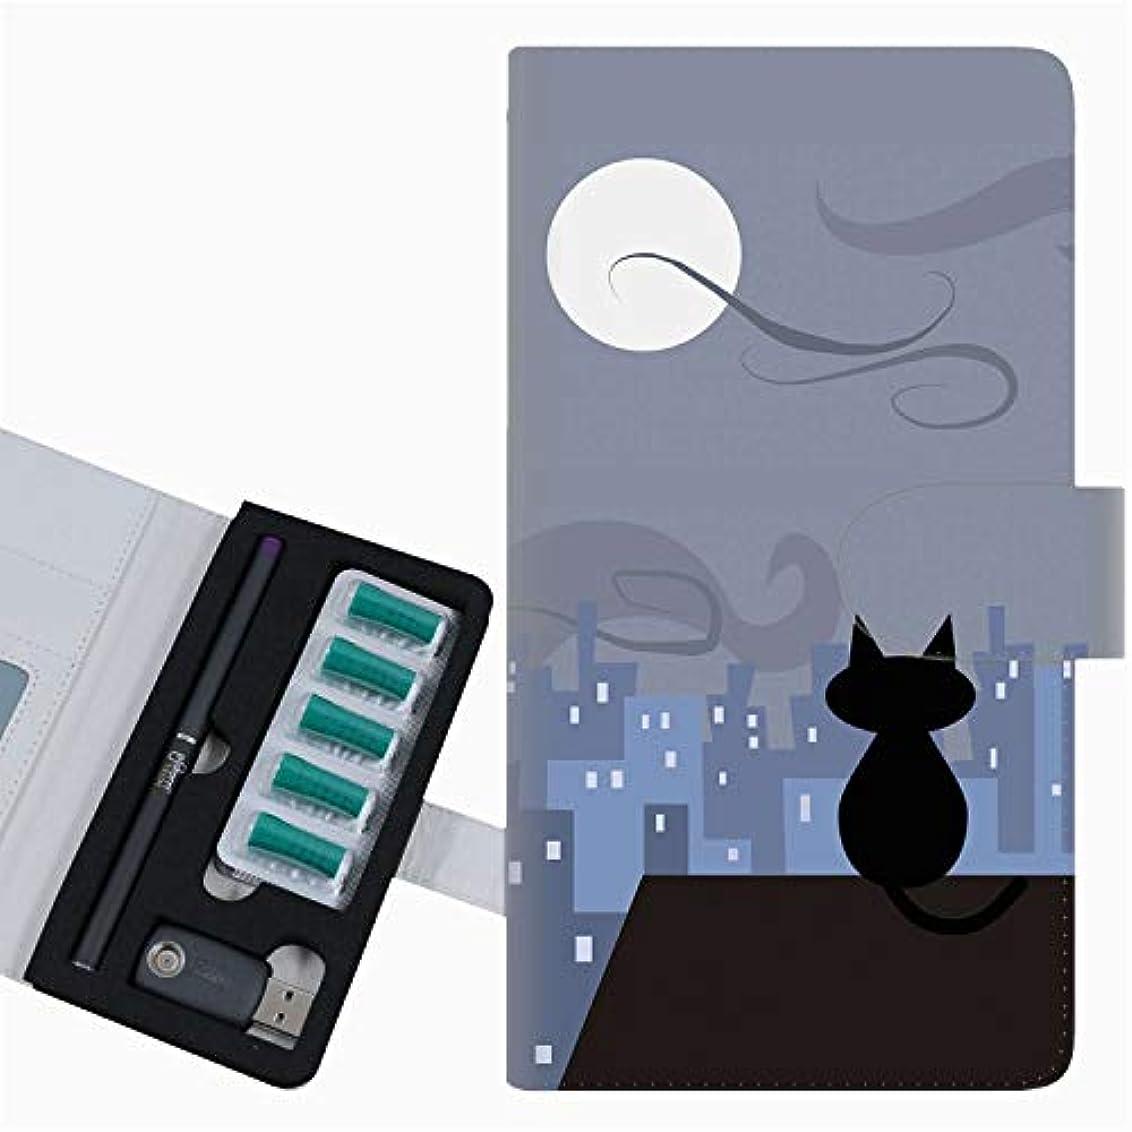 スリルシャッフル先入観プルーム テック 専用 ケース 手帳型 ploom tech ケース 【012 屋根の上のねこ】